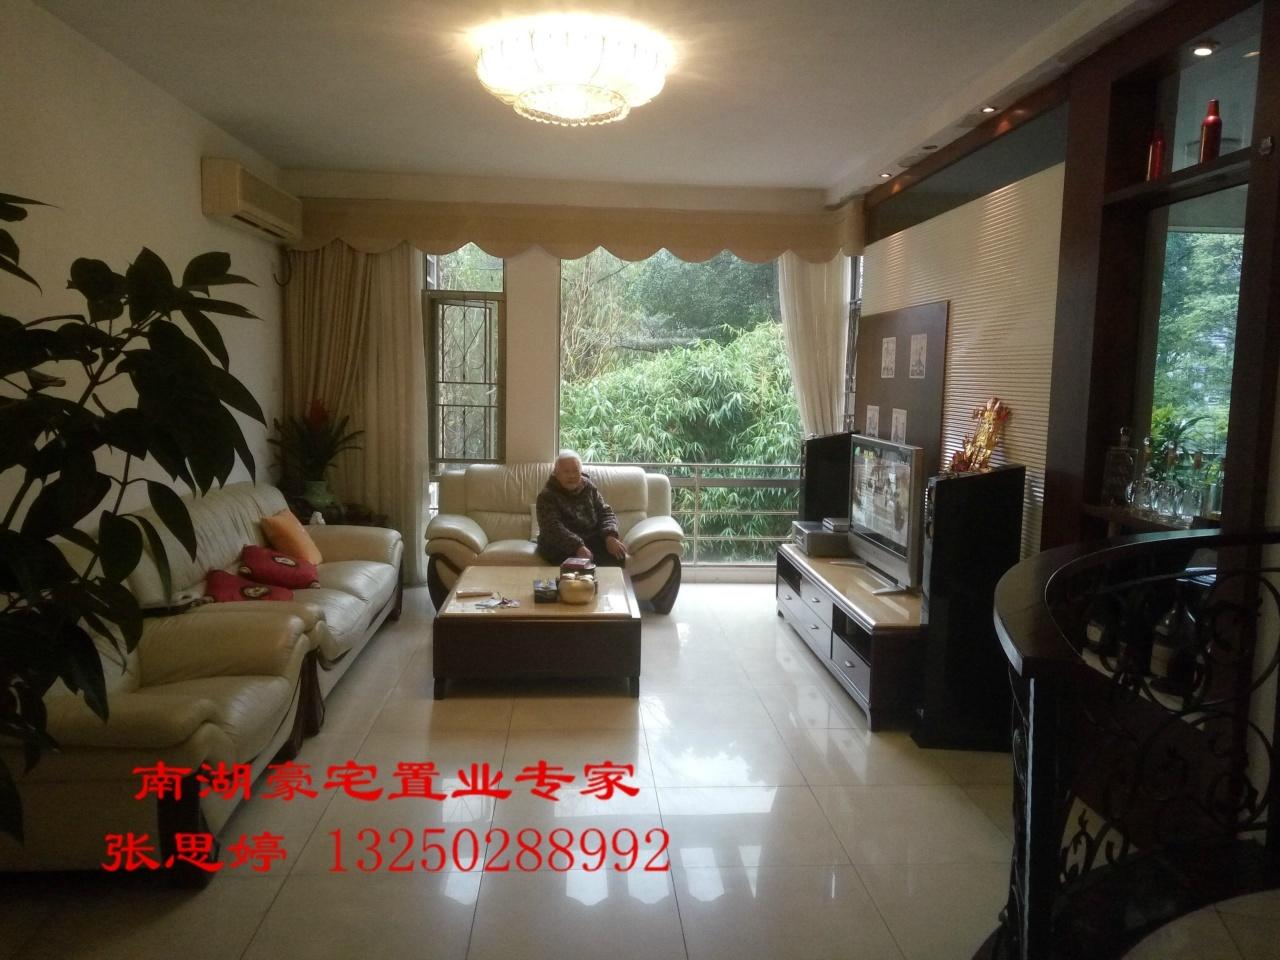 竹韵山庄 南北对流大4房 业主换房出售 随时看房 可议价